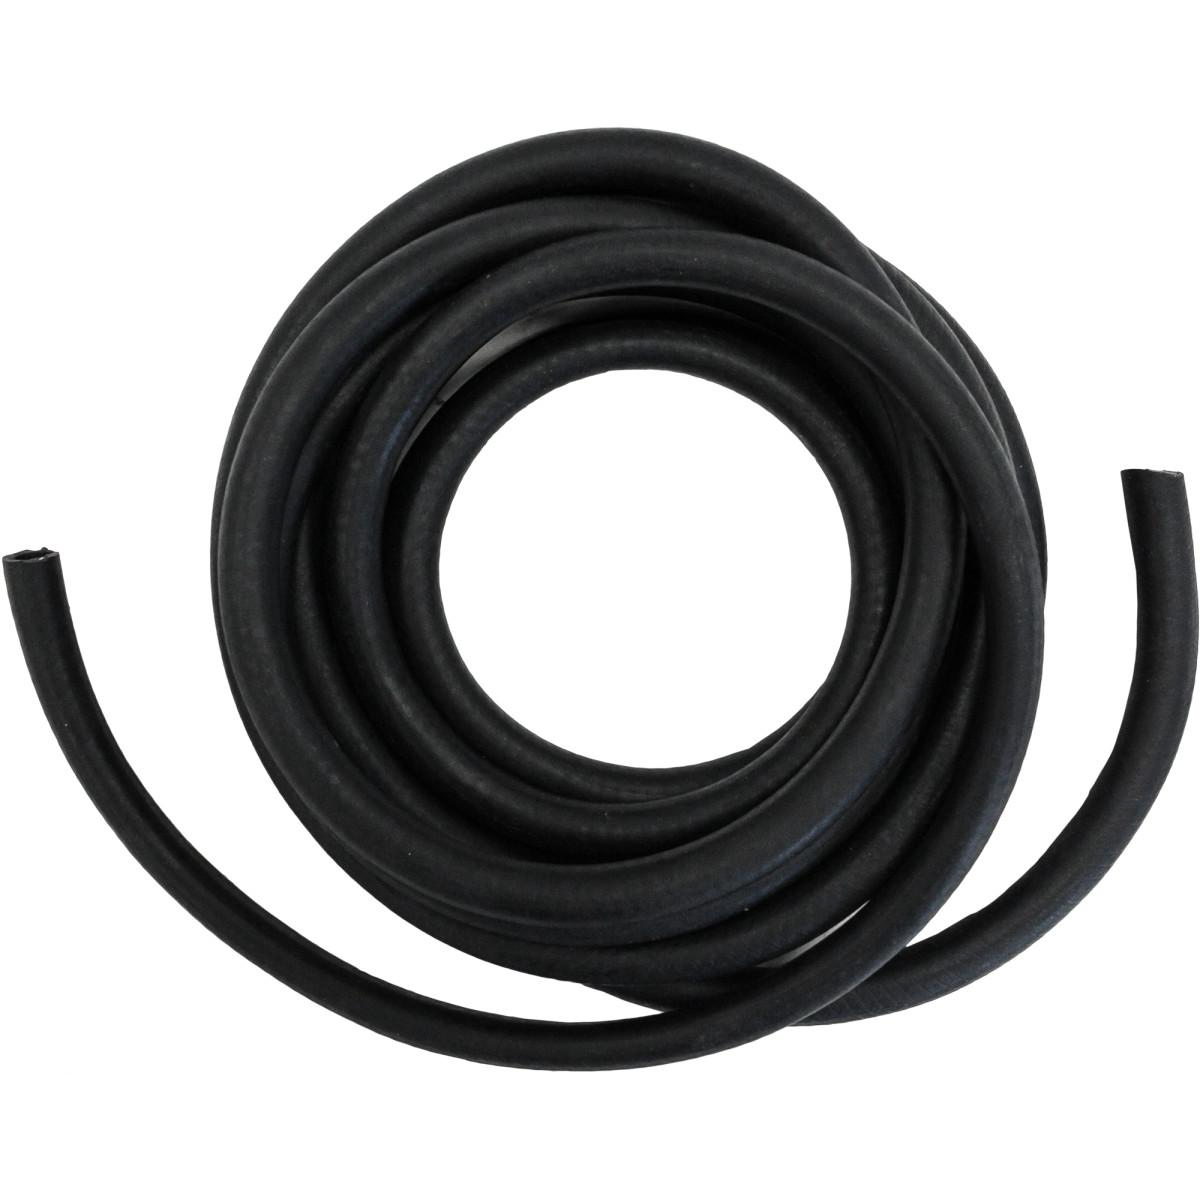 Шланг соединительный Ростерм для бытовых газовых приборов 5 м резина